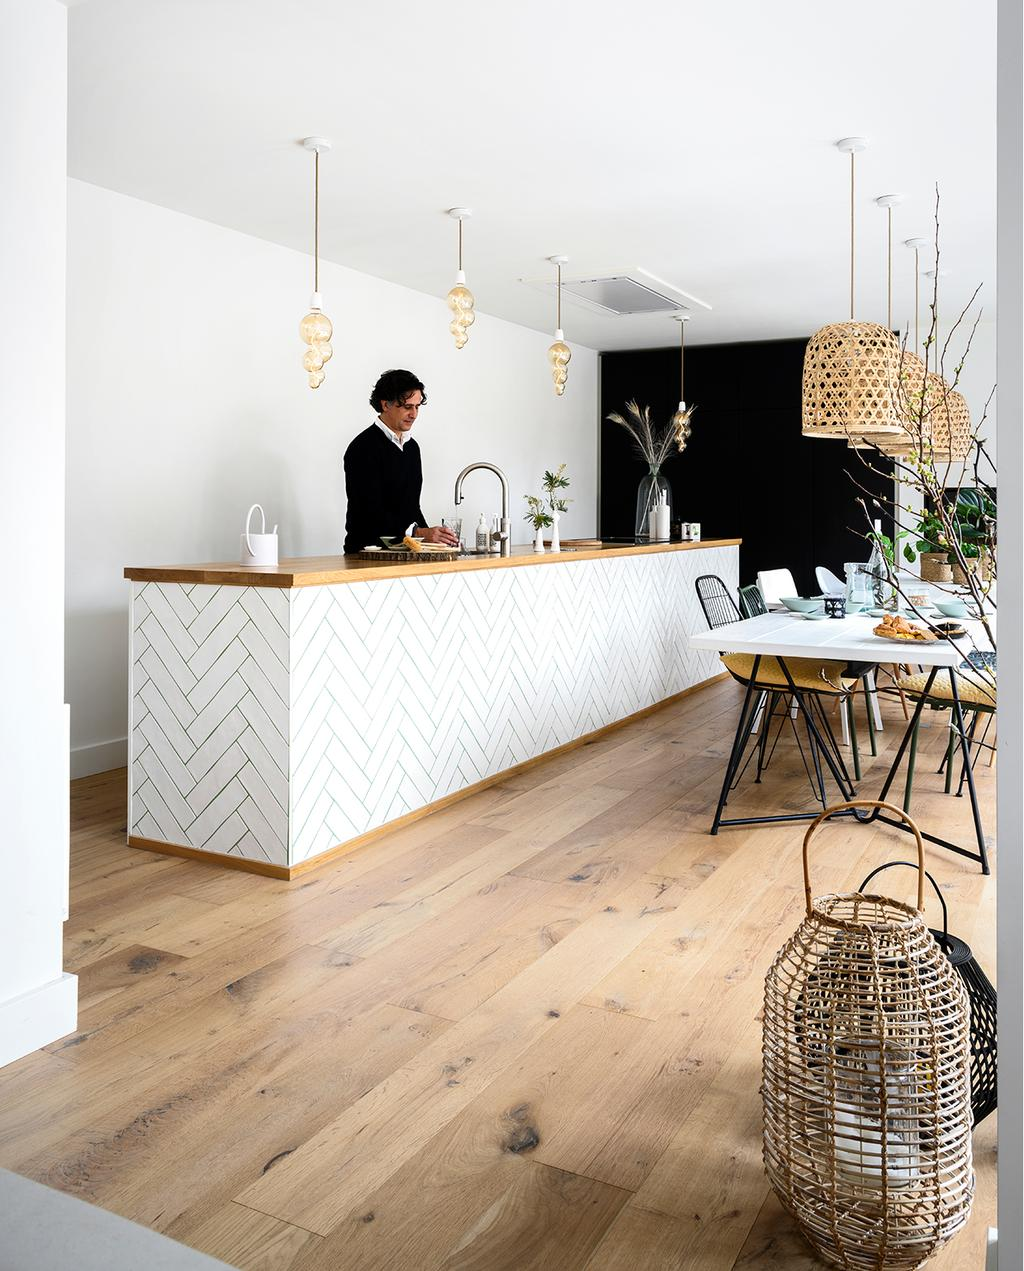 vtwonen 05-2020 | riant familiehuis Breda keuken met wit keukenblok